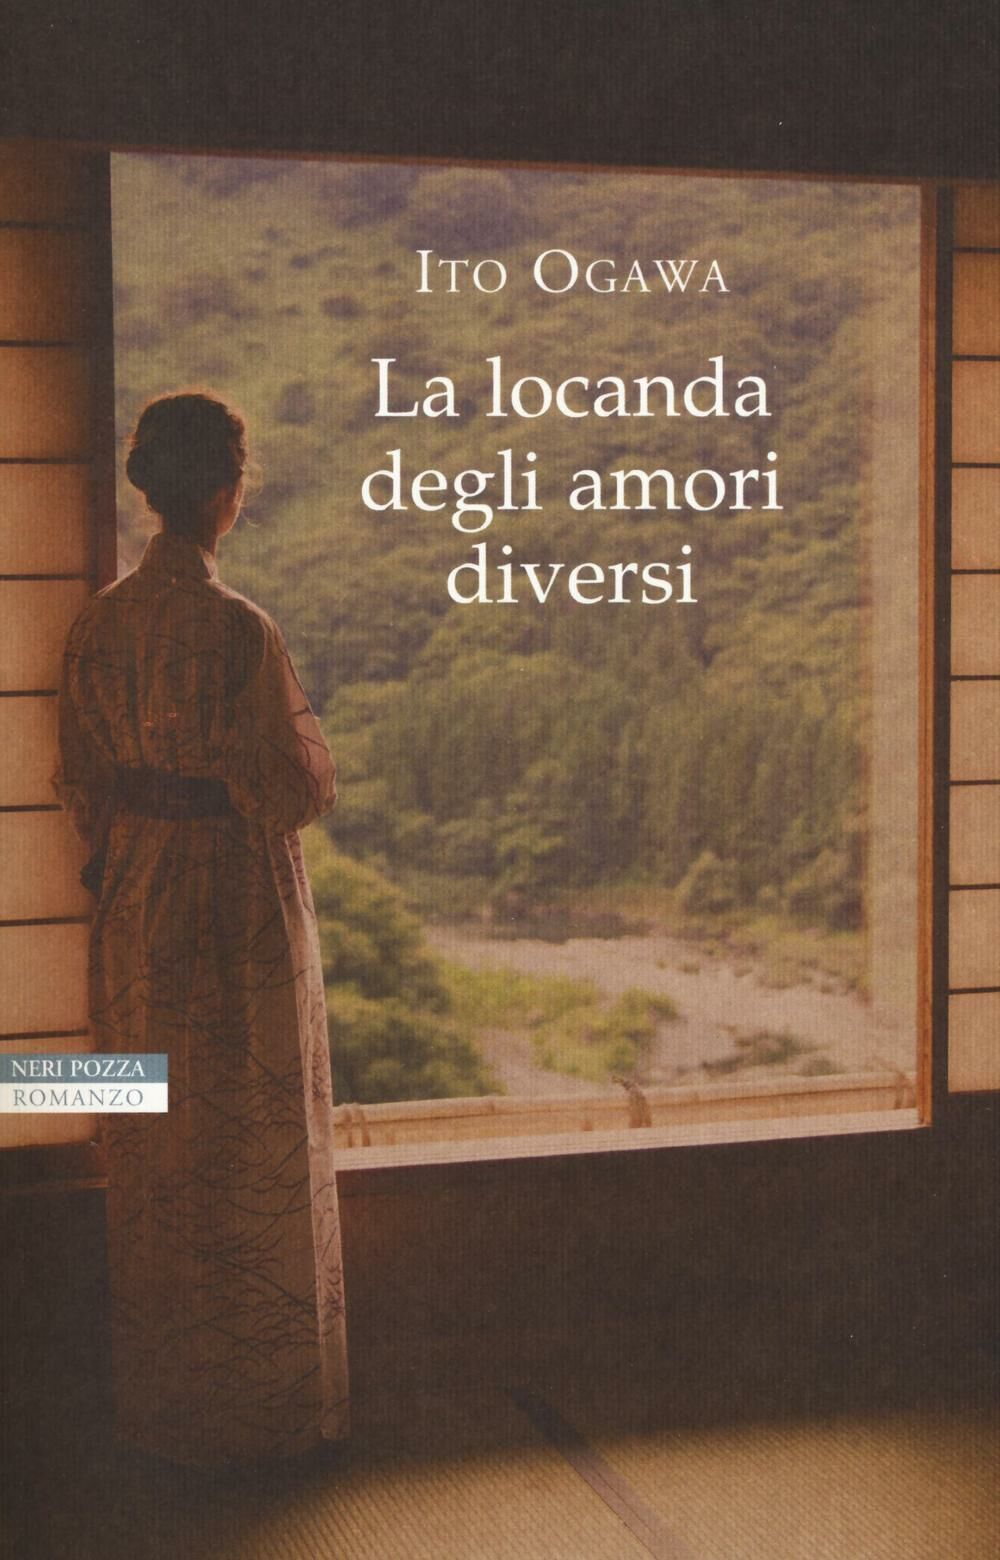 La locanda degli amori diversi ito ogawa libro neri for La stanza degli ospiti libro